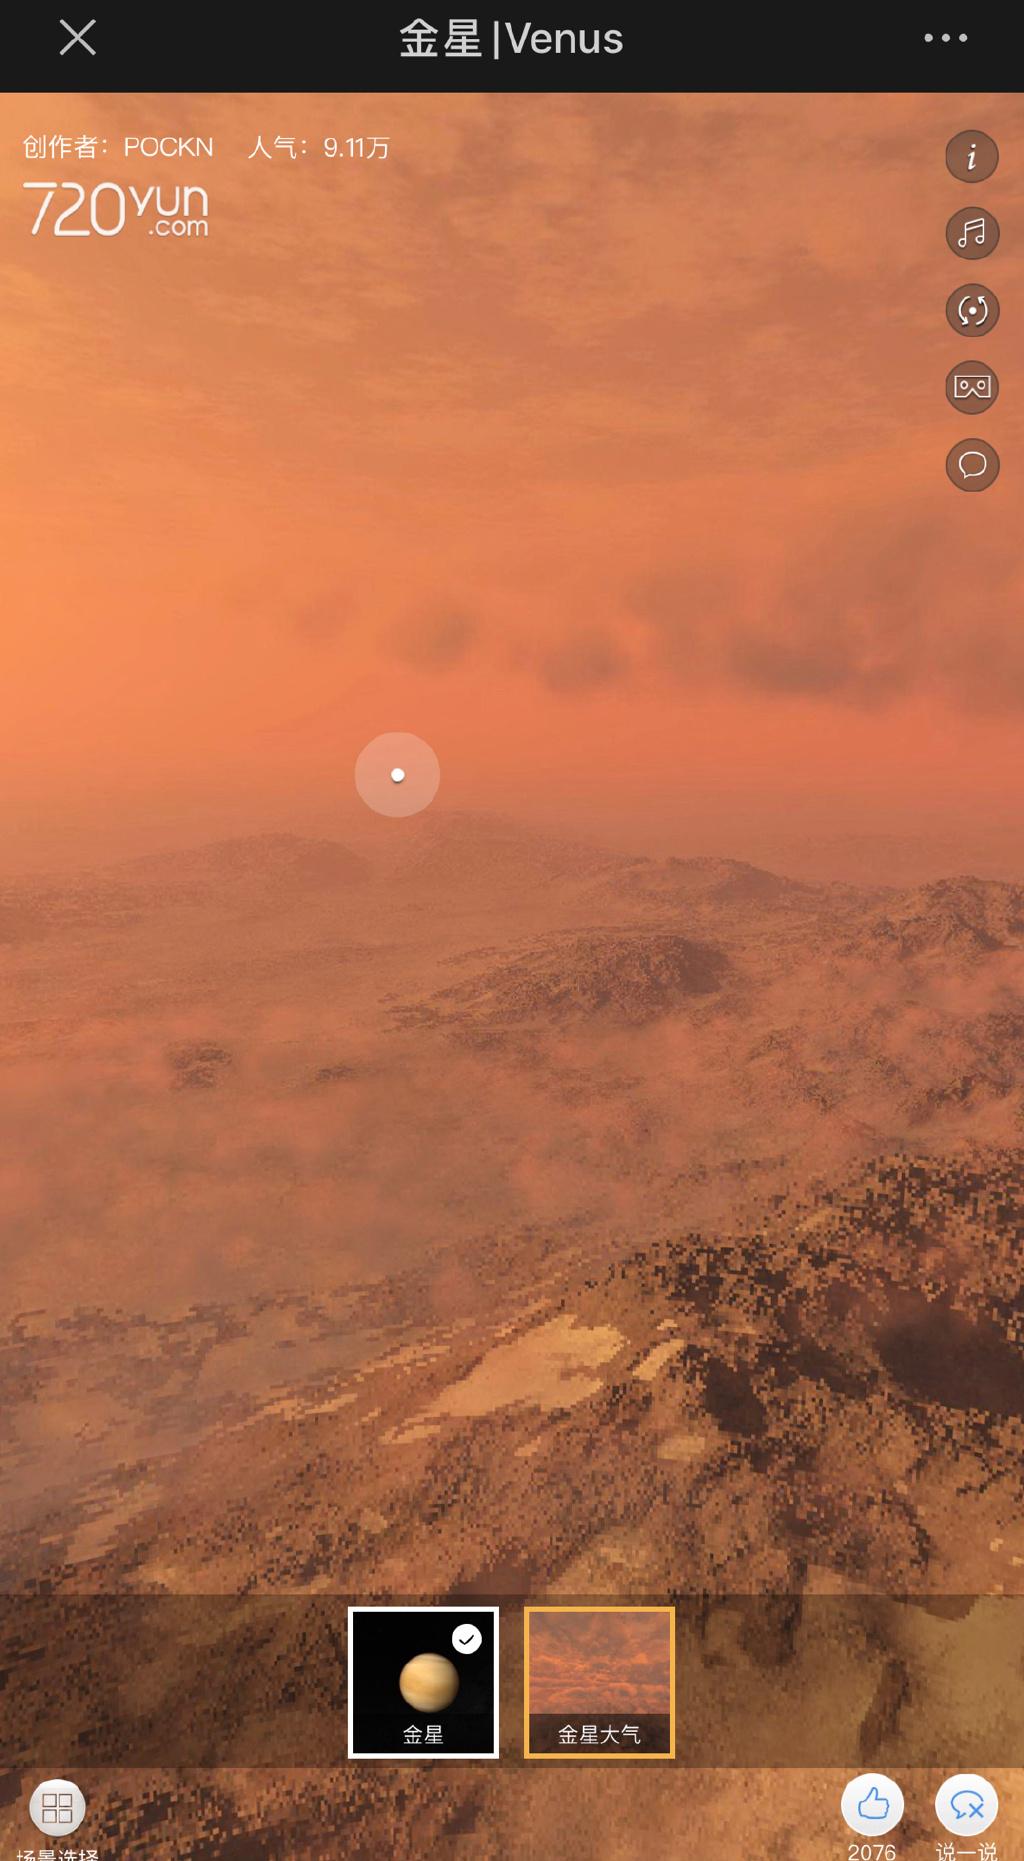 震撼!太阳系星球内部360°全景样貌实况图 liuliushe.net六六社 第2张